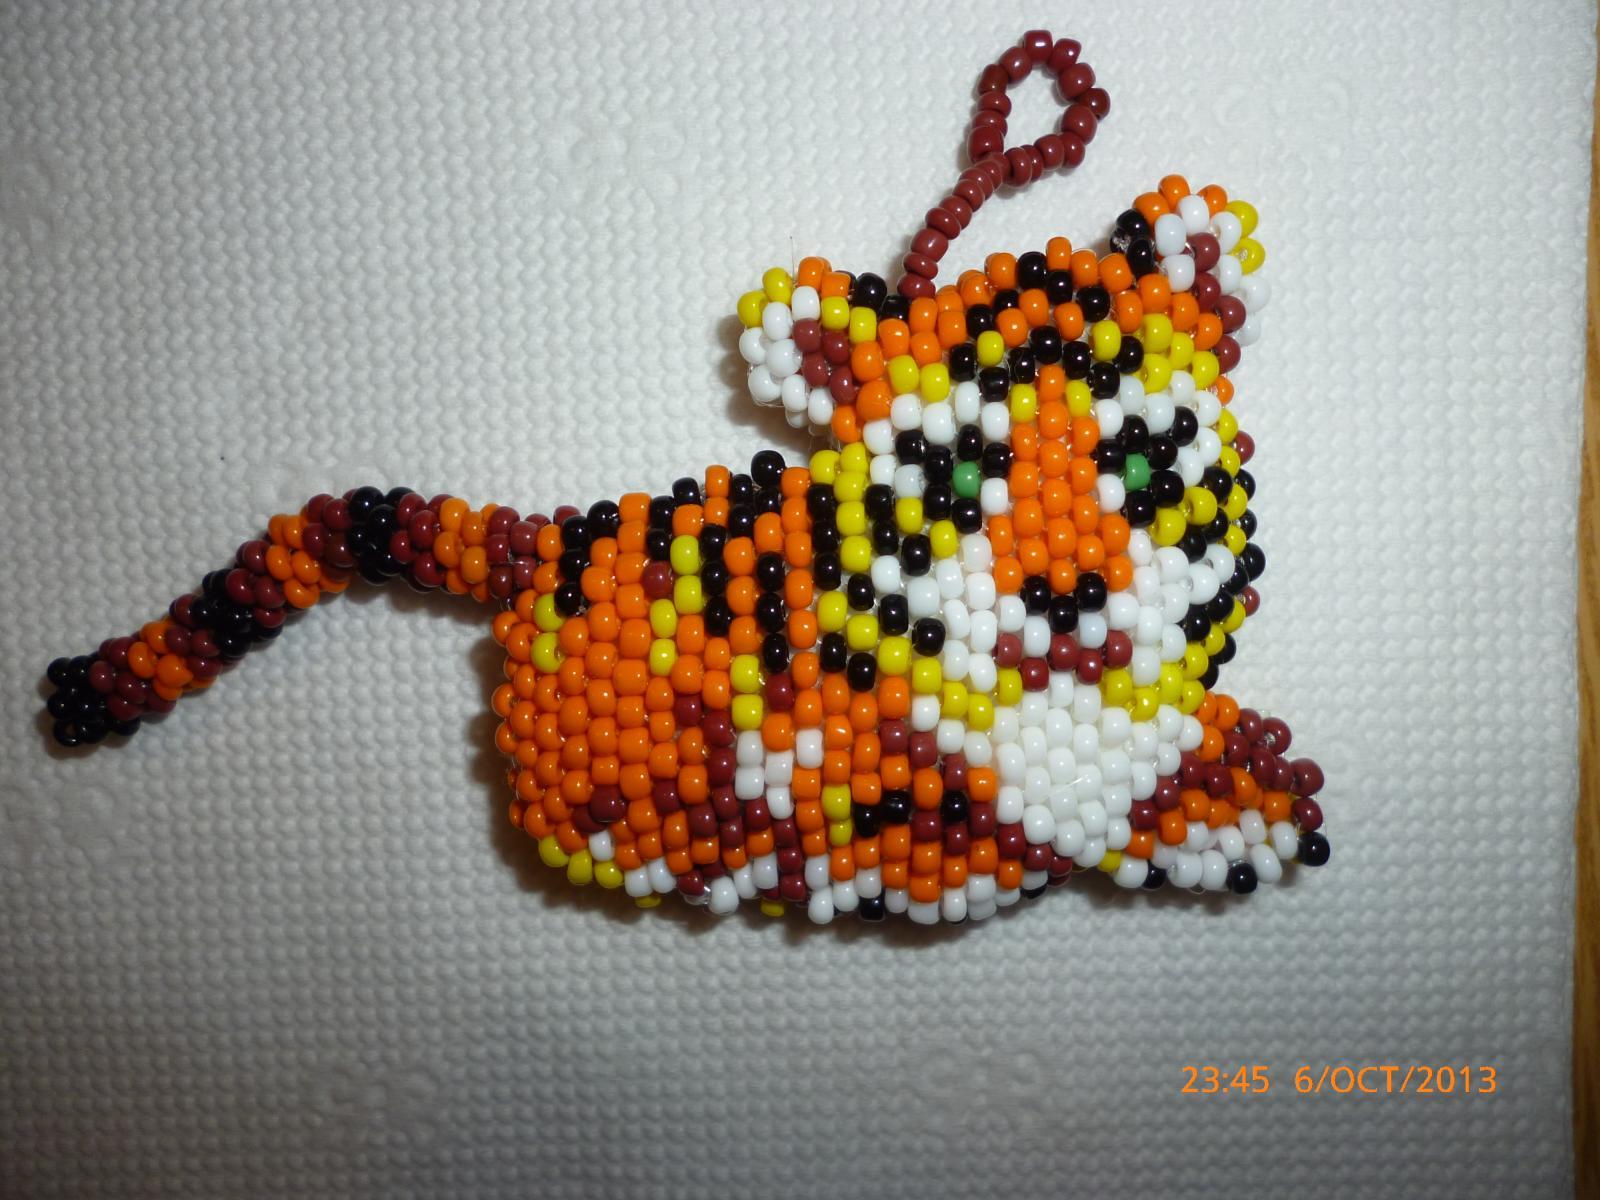 tigr-simvol-goda-2022-foto-45